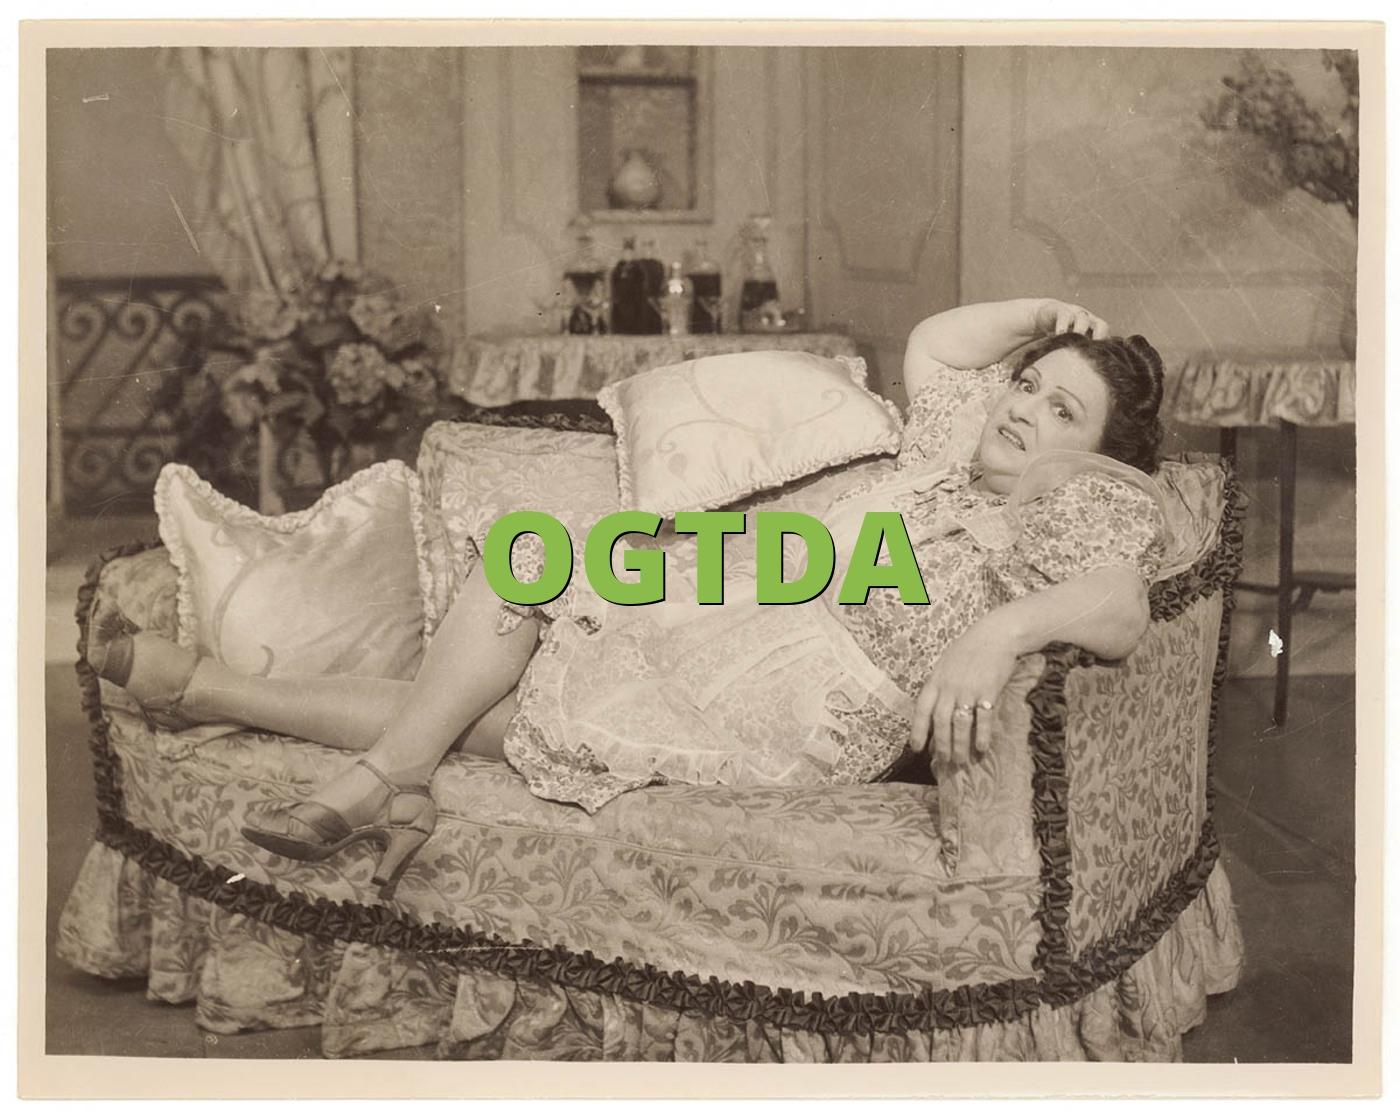 OGTDA